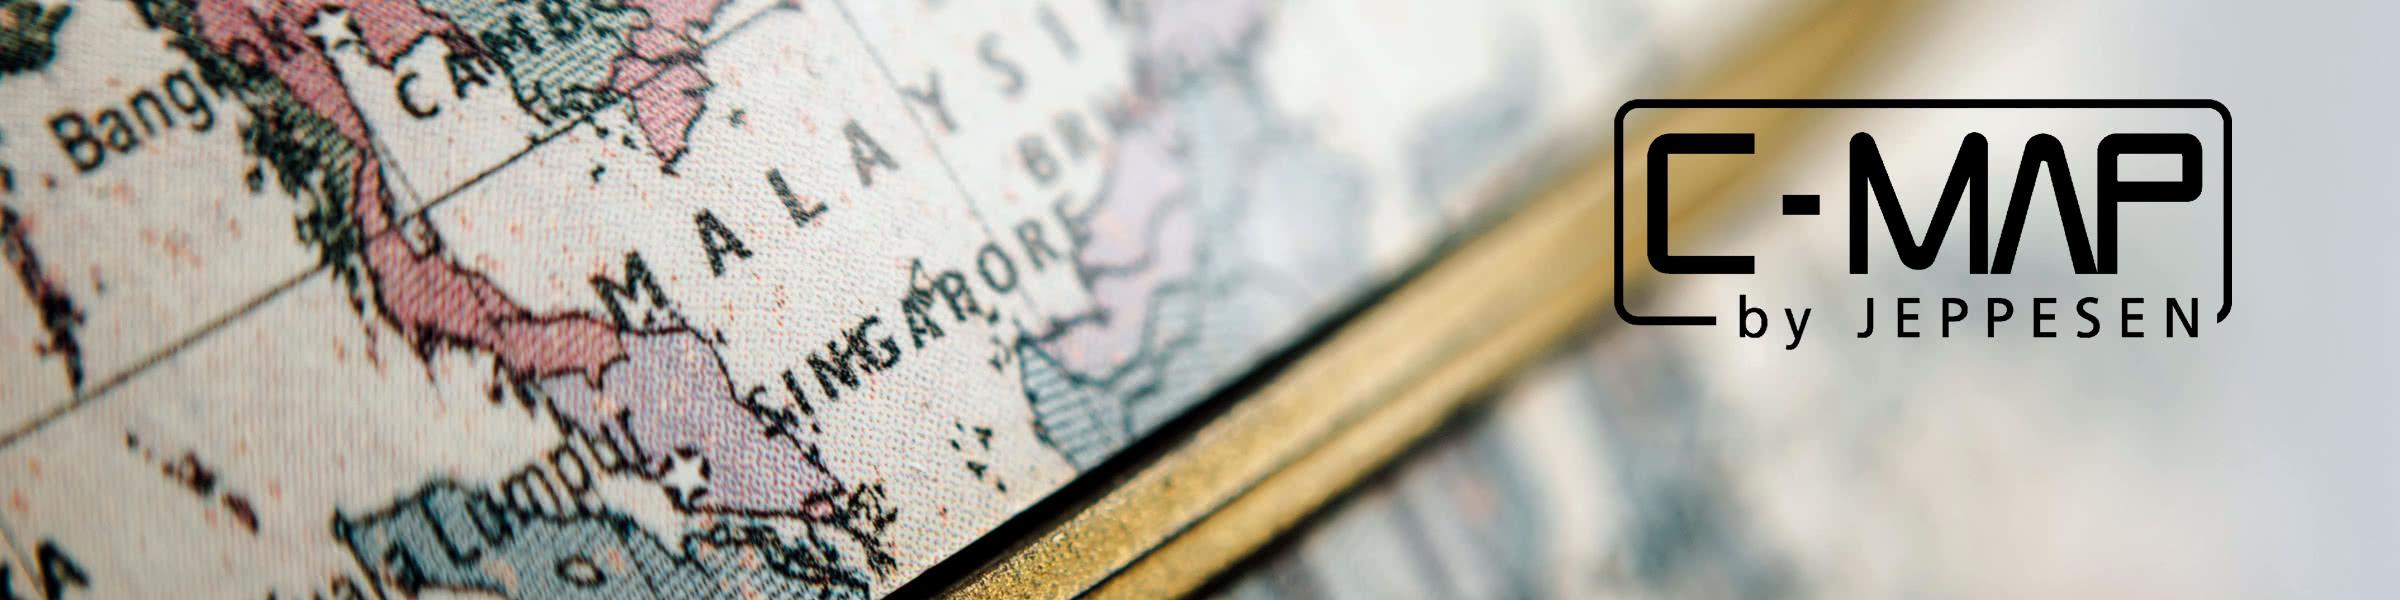 C-Map, la tradizione aziendale italiana